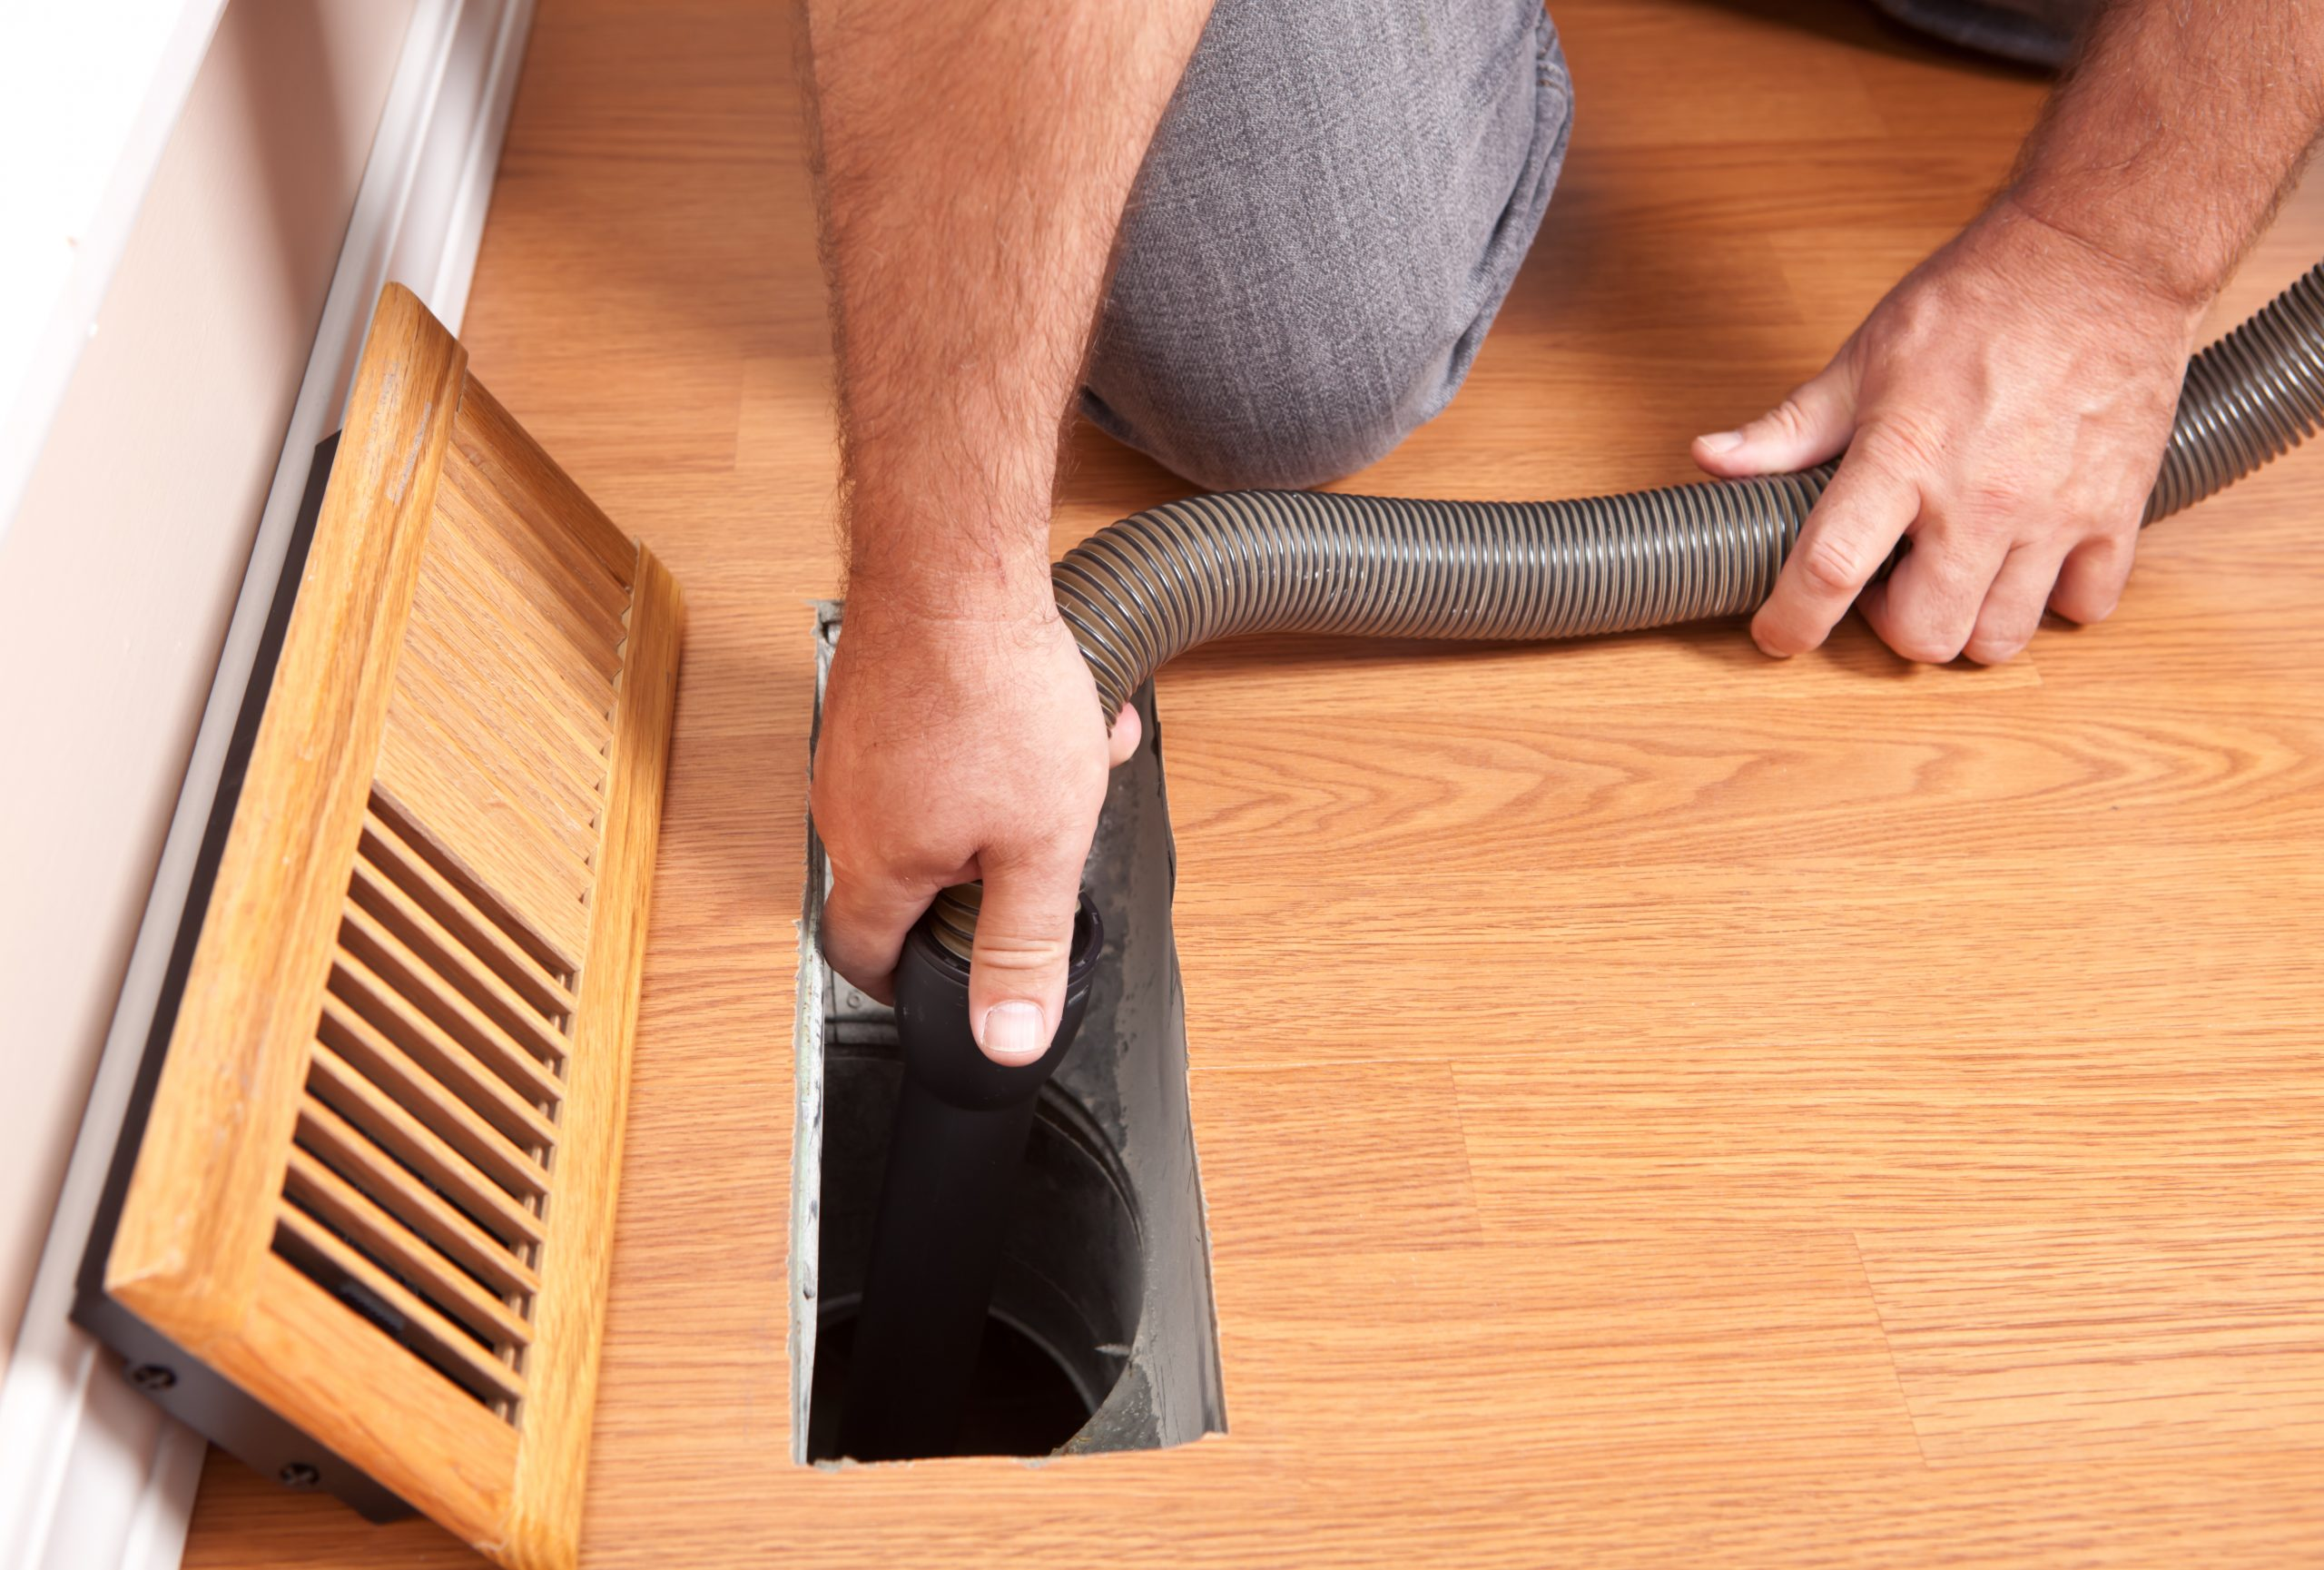 Professionnel nettoyage conduits ventilation, conduits sécheuse, conduits échangeur d'air